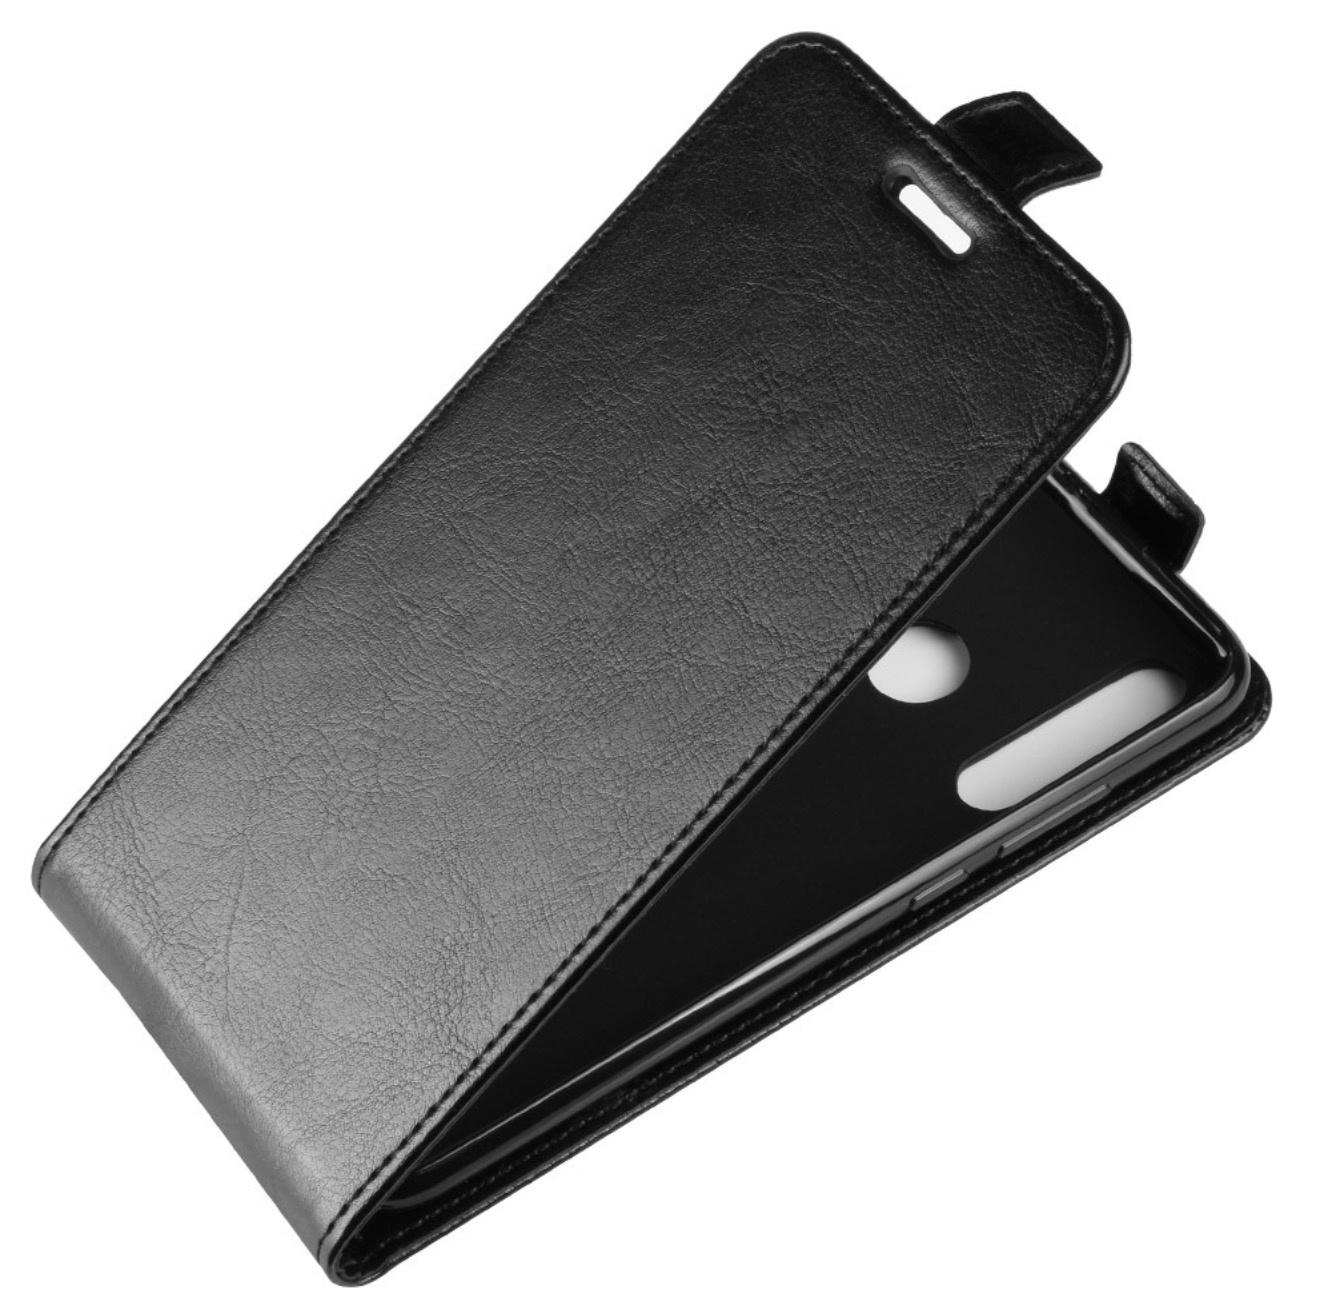 Чехол-флип MyPads для LG Nexus 4 E960 вертикальный откидной черный